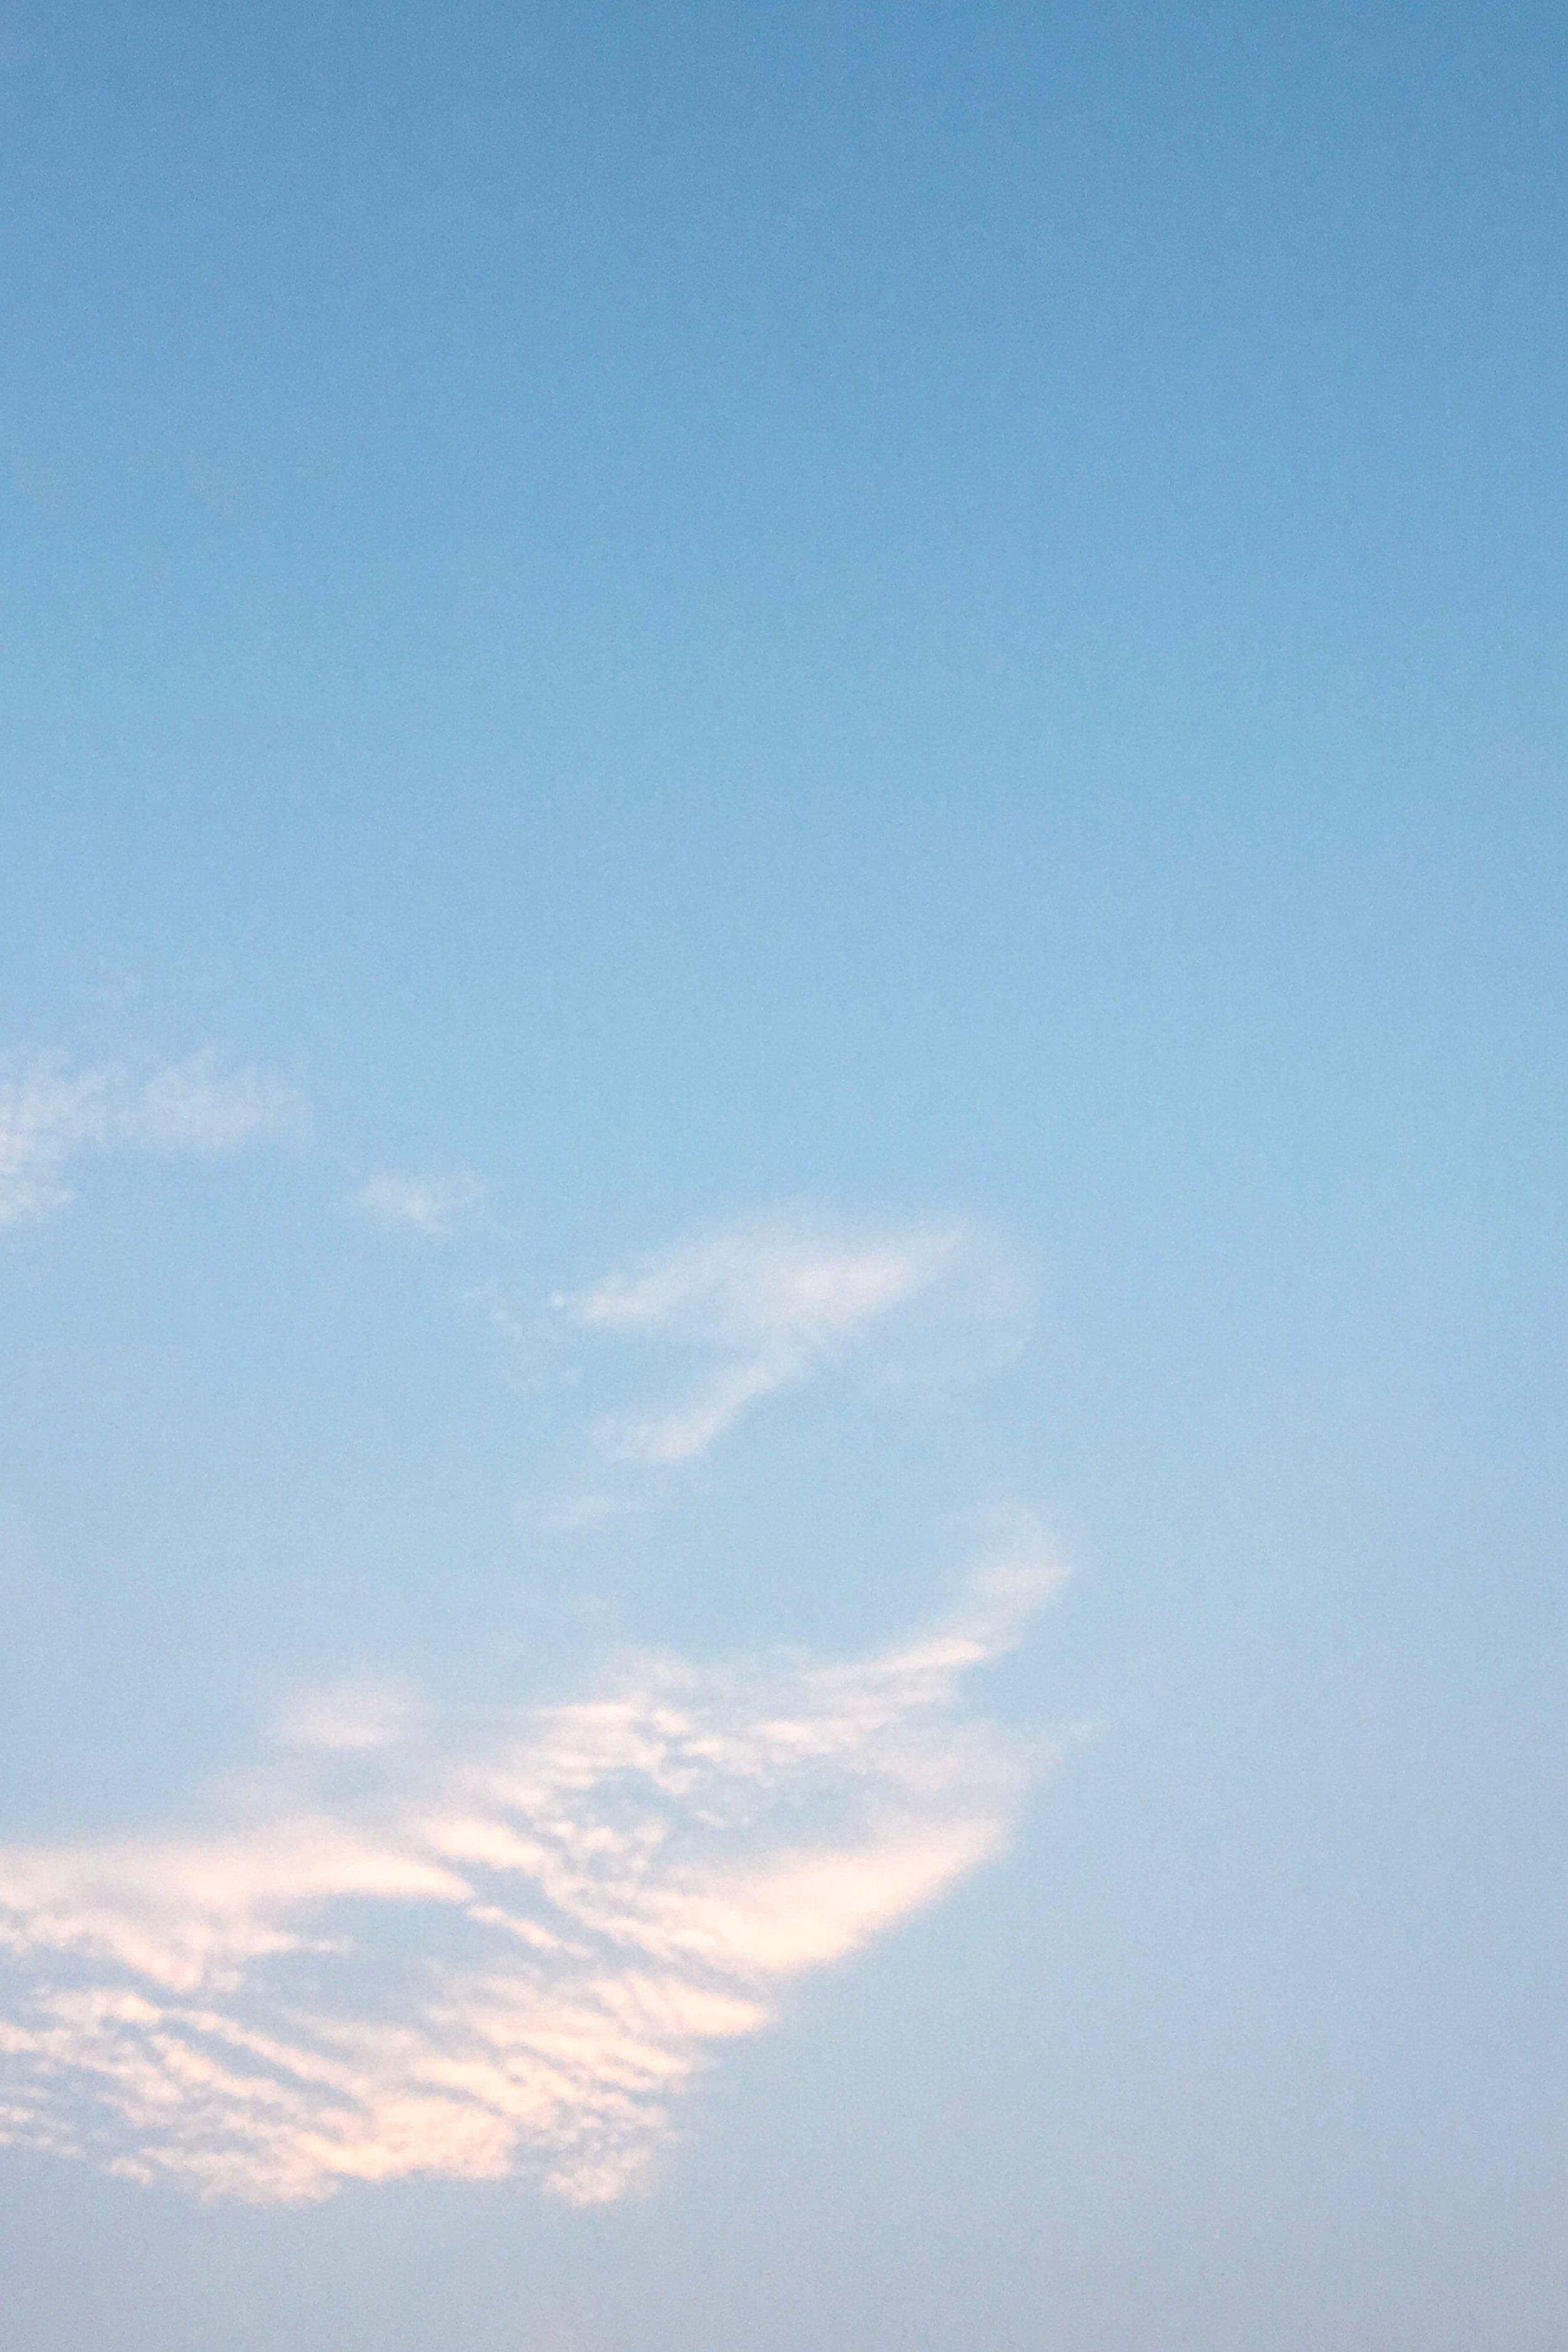 atmosphere-blue-sky-clear-sky-2344227.jpg